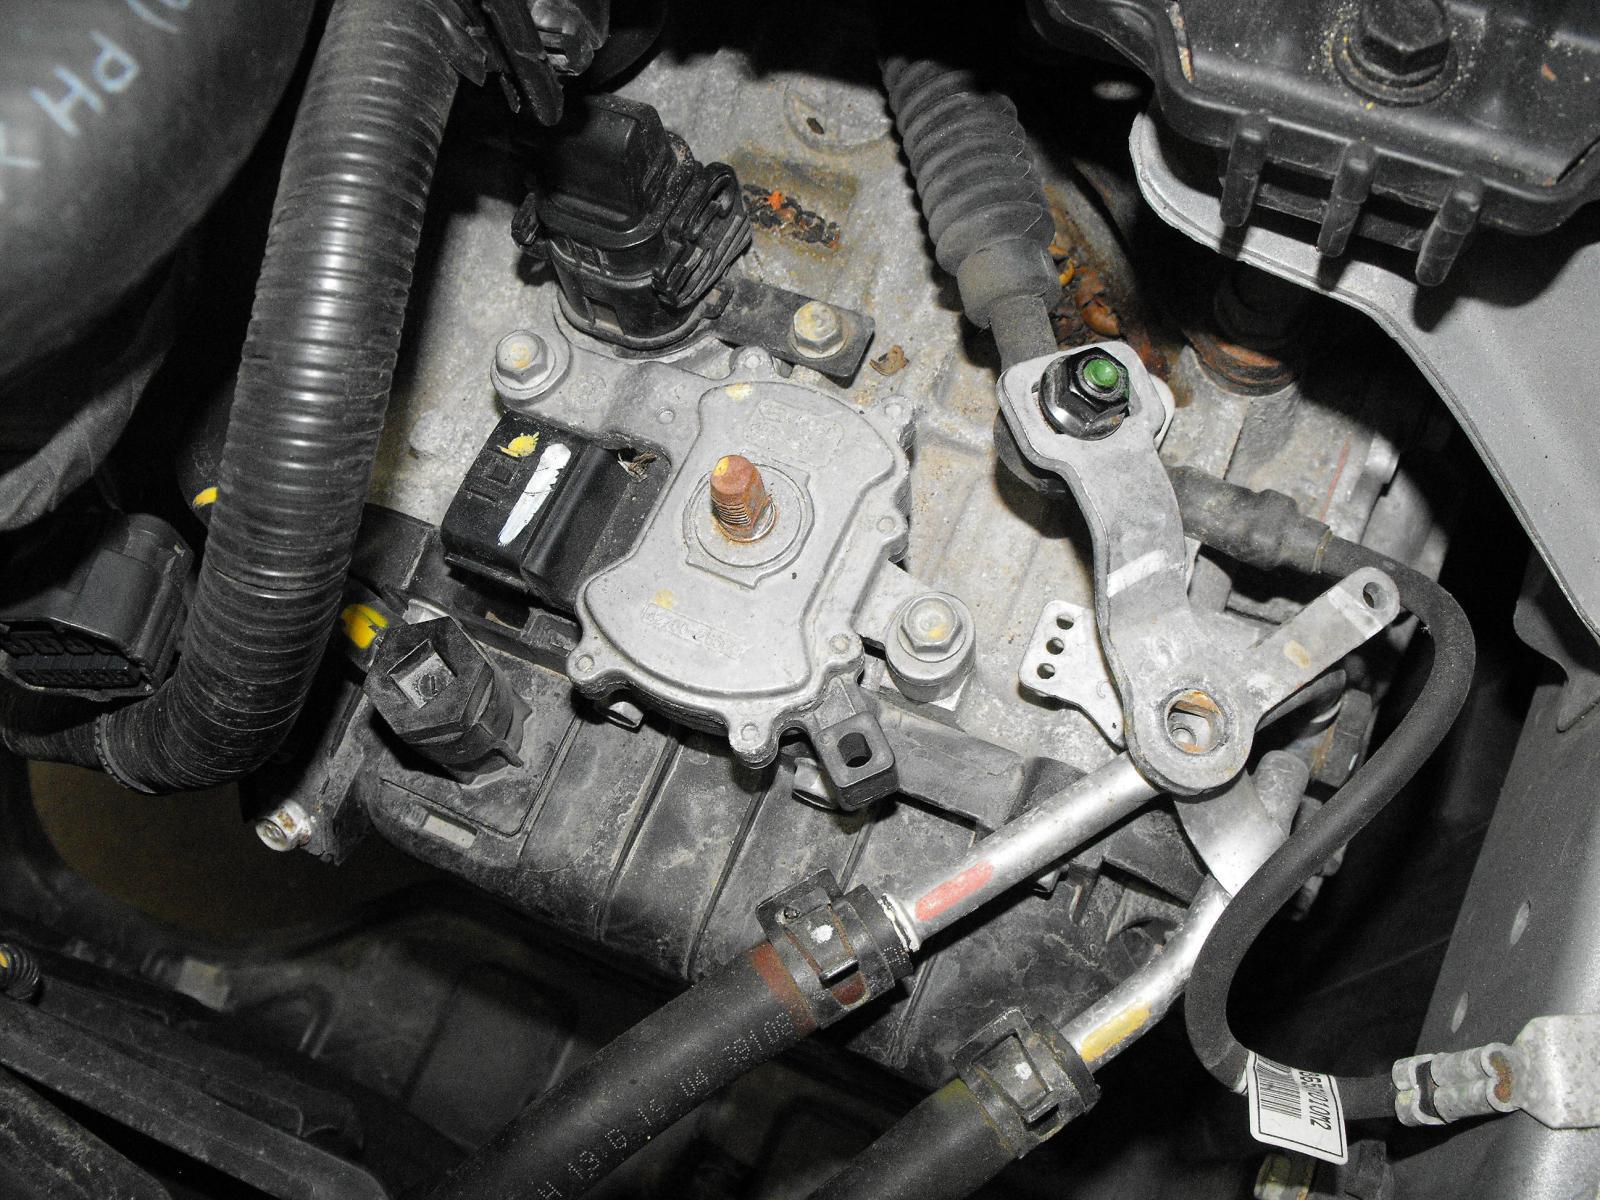 P0705 transmission range sensor circuit malfunction